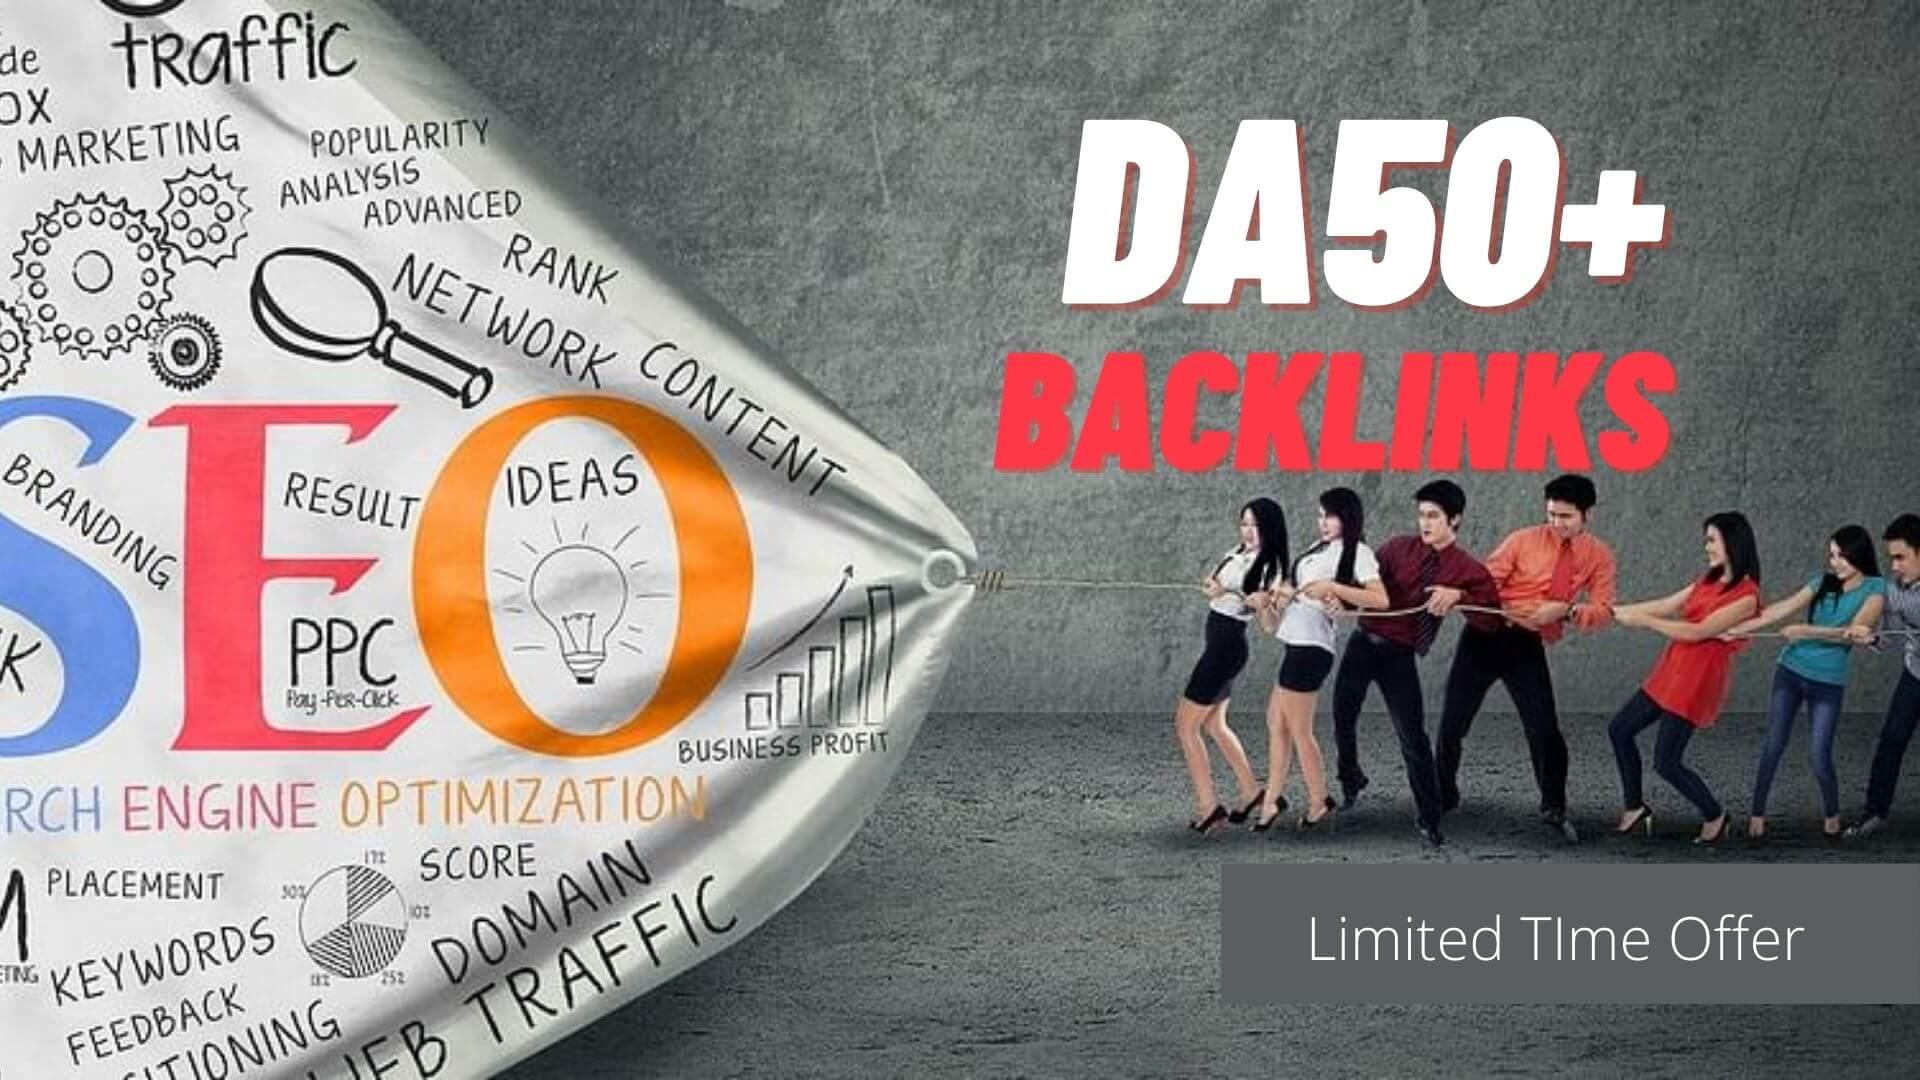 All DA50+ Backlinks 130+ Manual PR7 to PR10 Authority Links to improve SERP